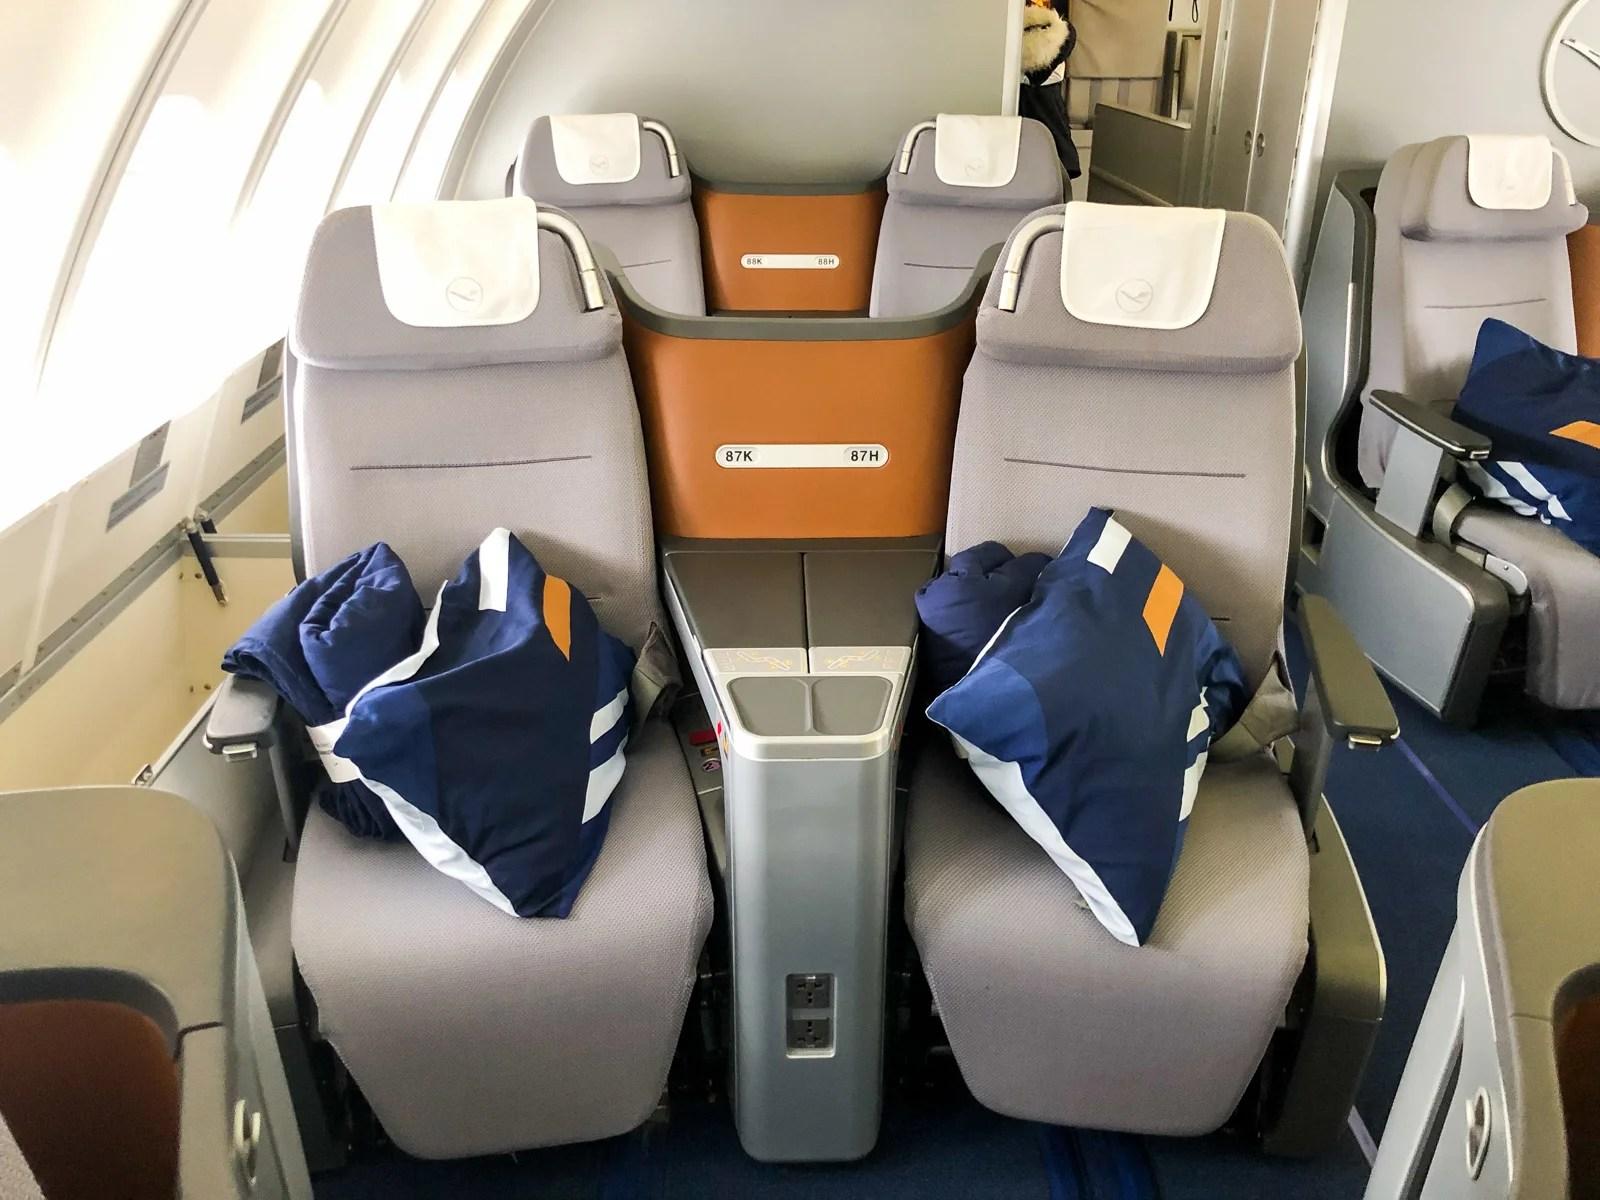 Lufthansa business class